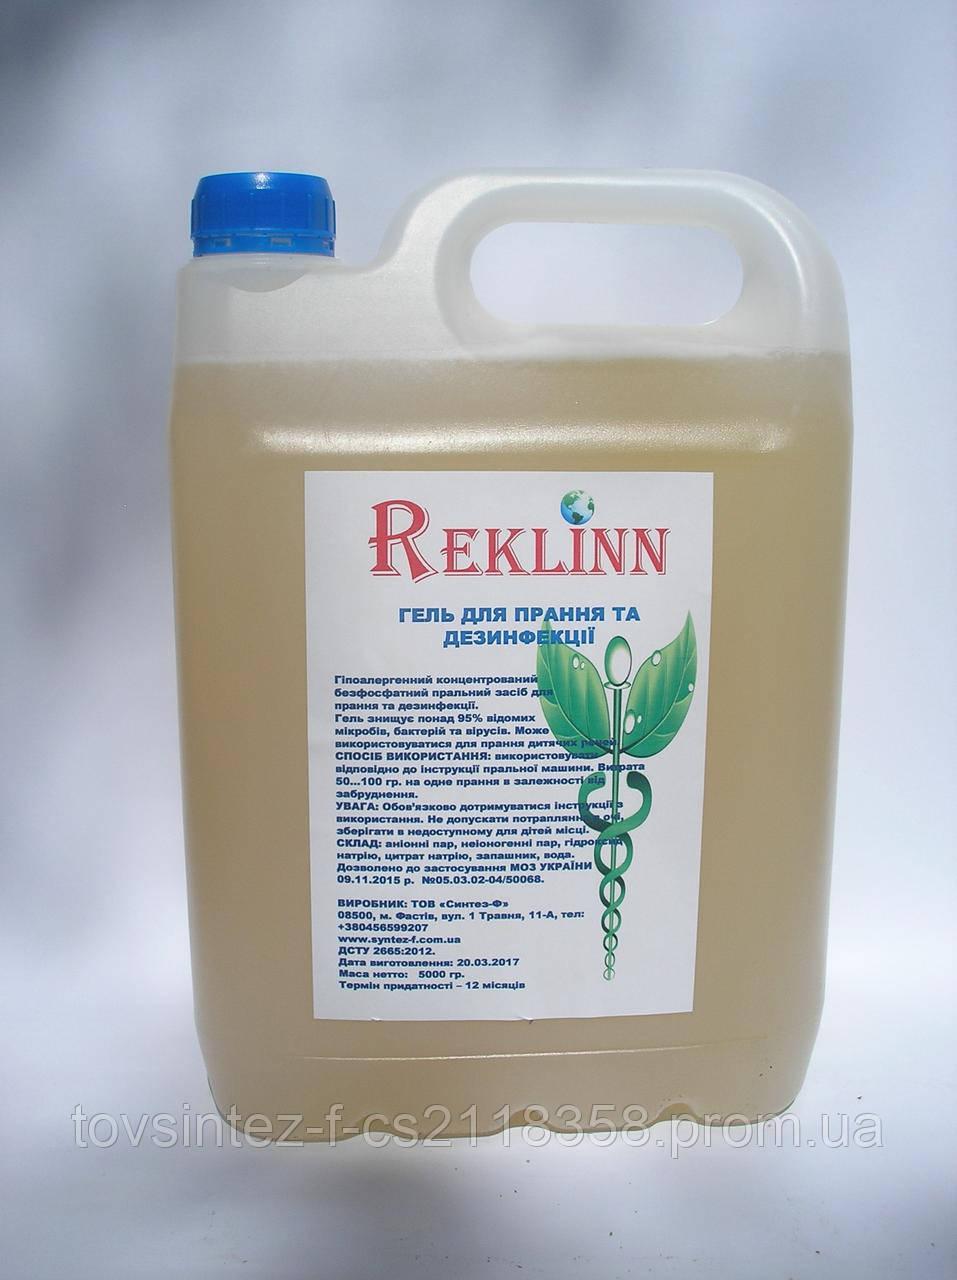 Гель для прання та дезинфекції REKLINN 5L 32ac1027f478e